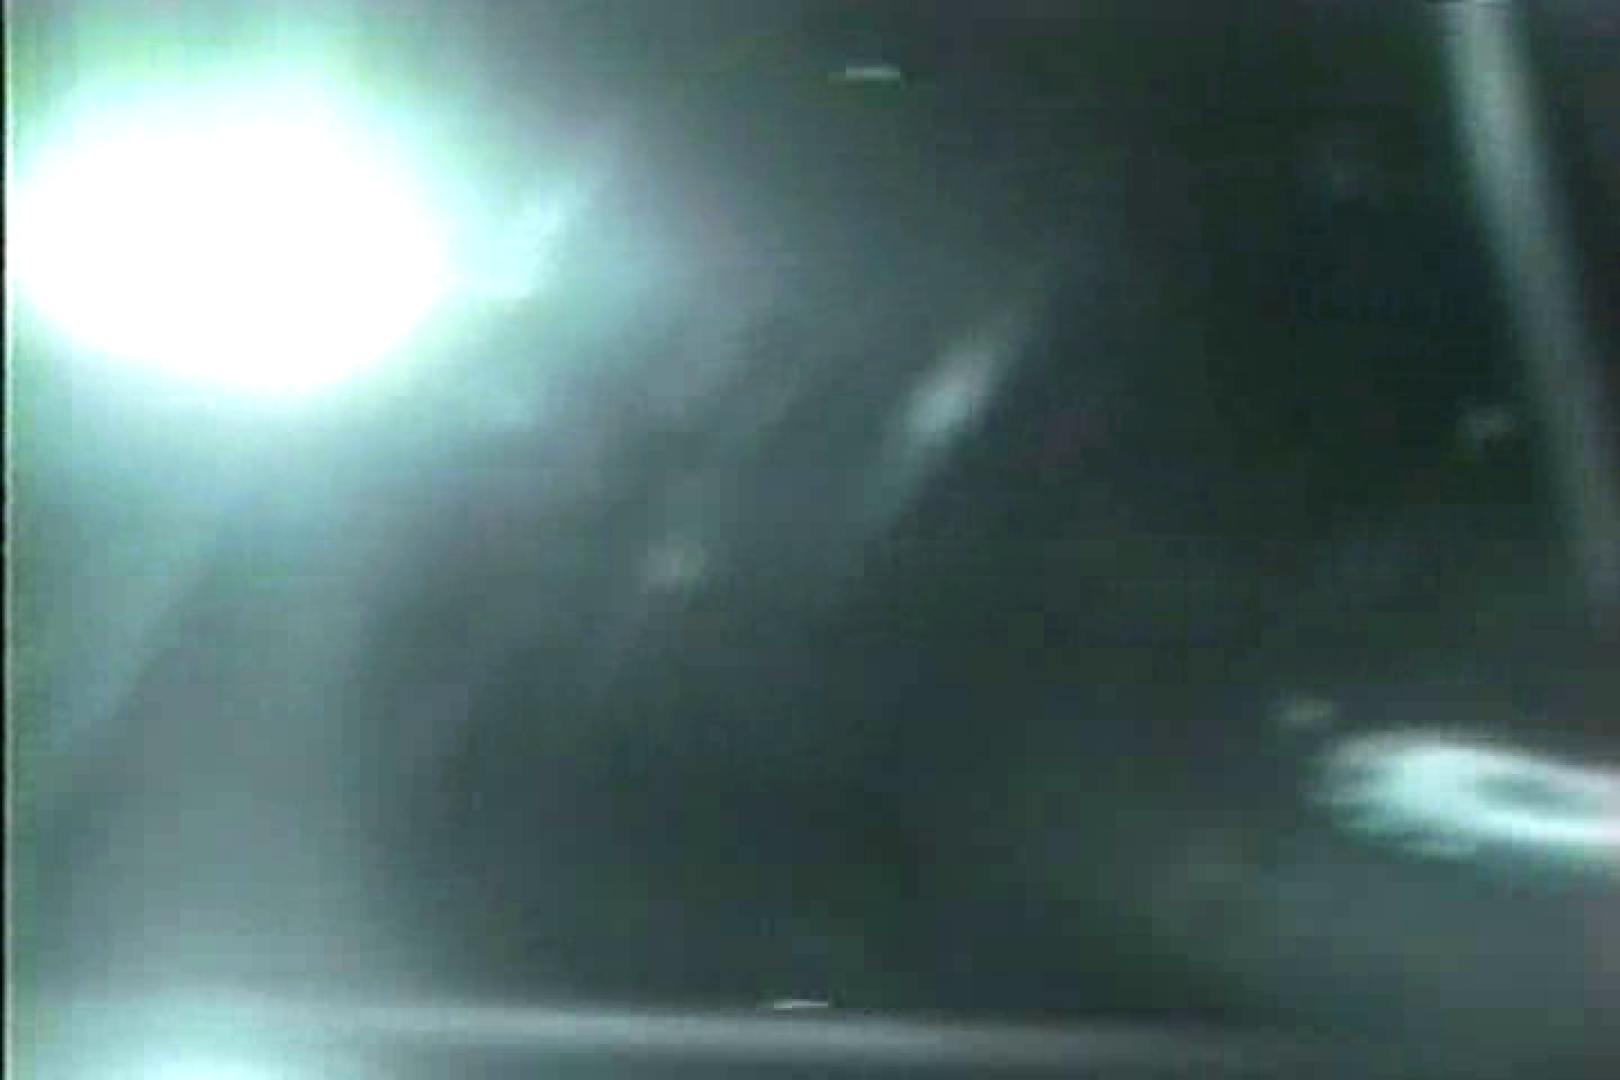 車の中はラブホテル 無修正版  Vol.6 カーセックス盗撮 おめこ無修正画像 104pic 6